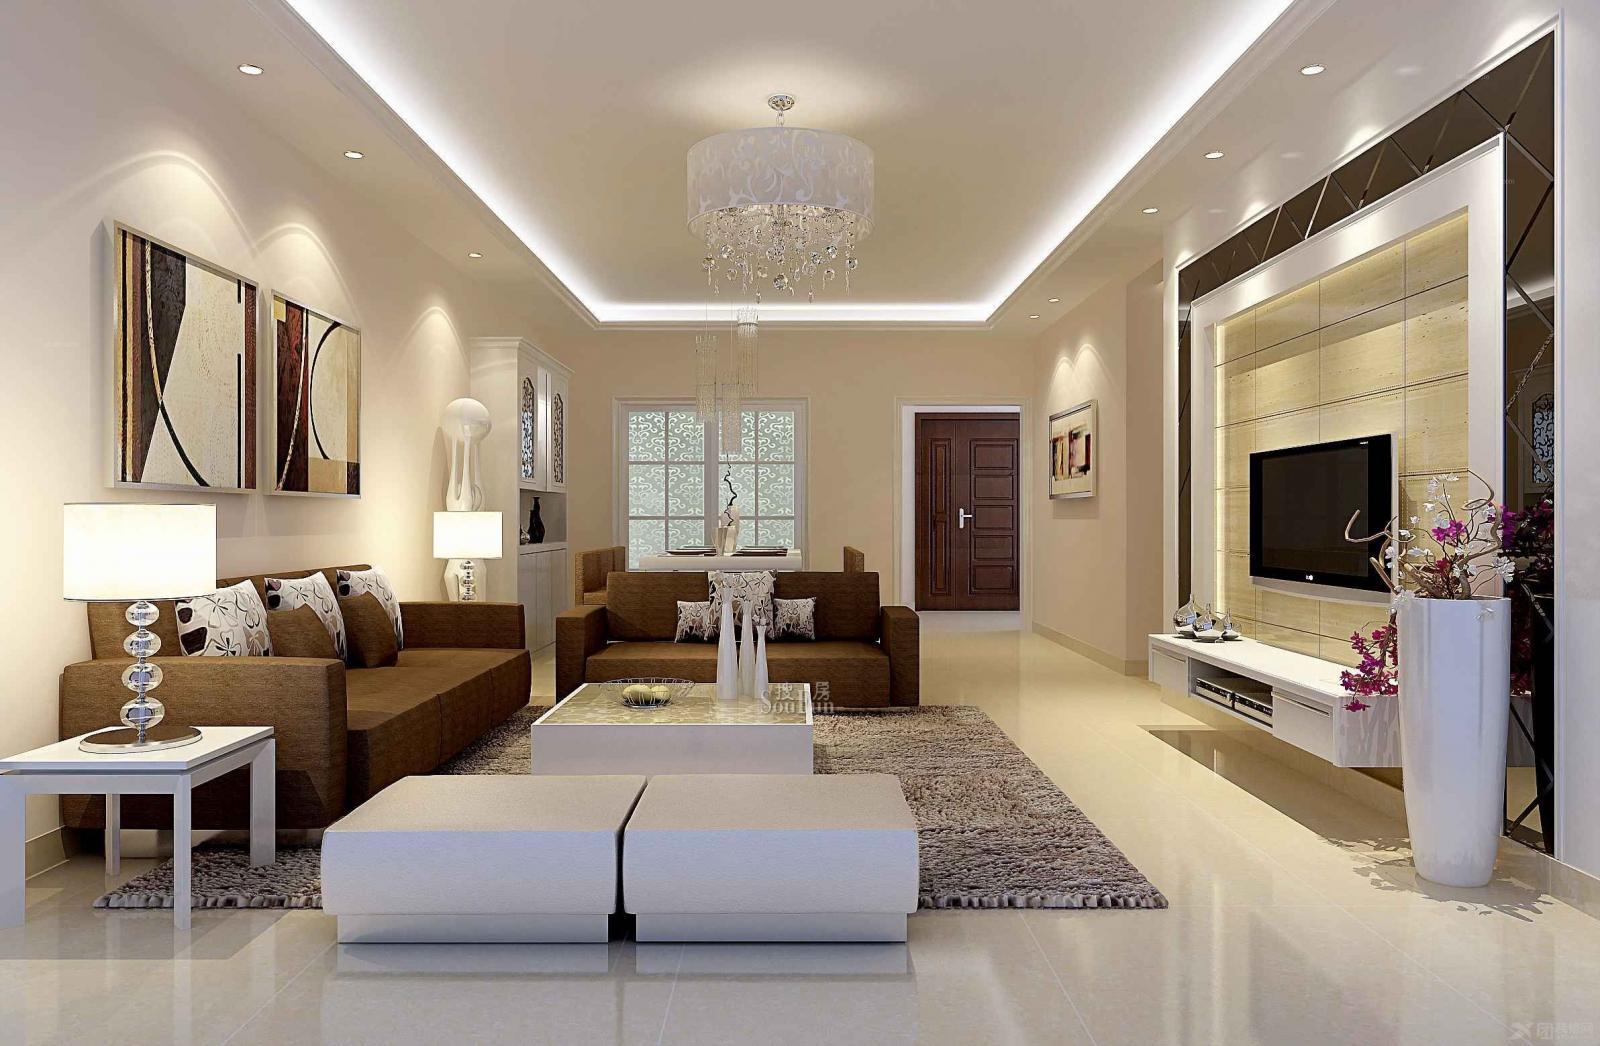 现代简约客厅装修效果图 x团装图片欣赏下载